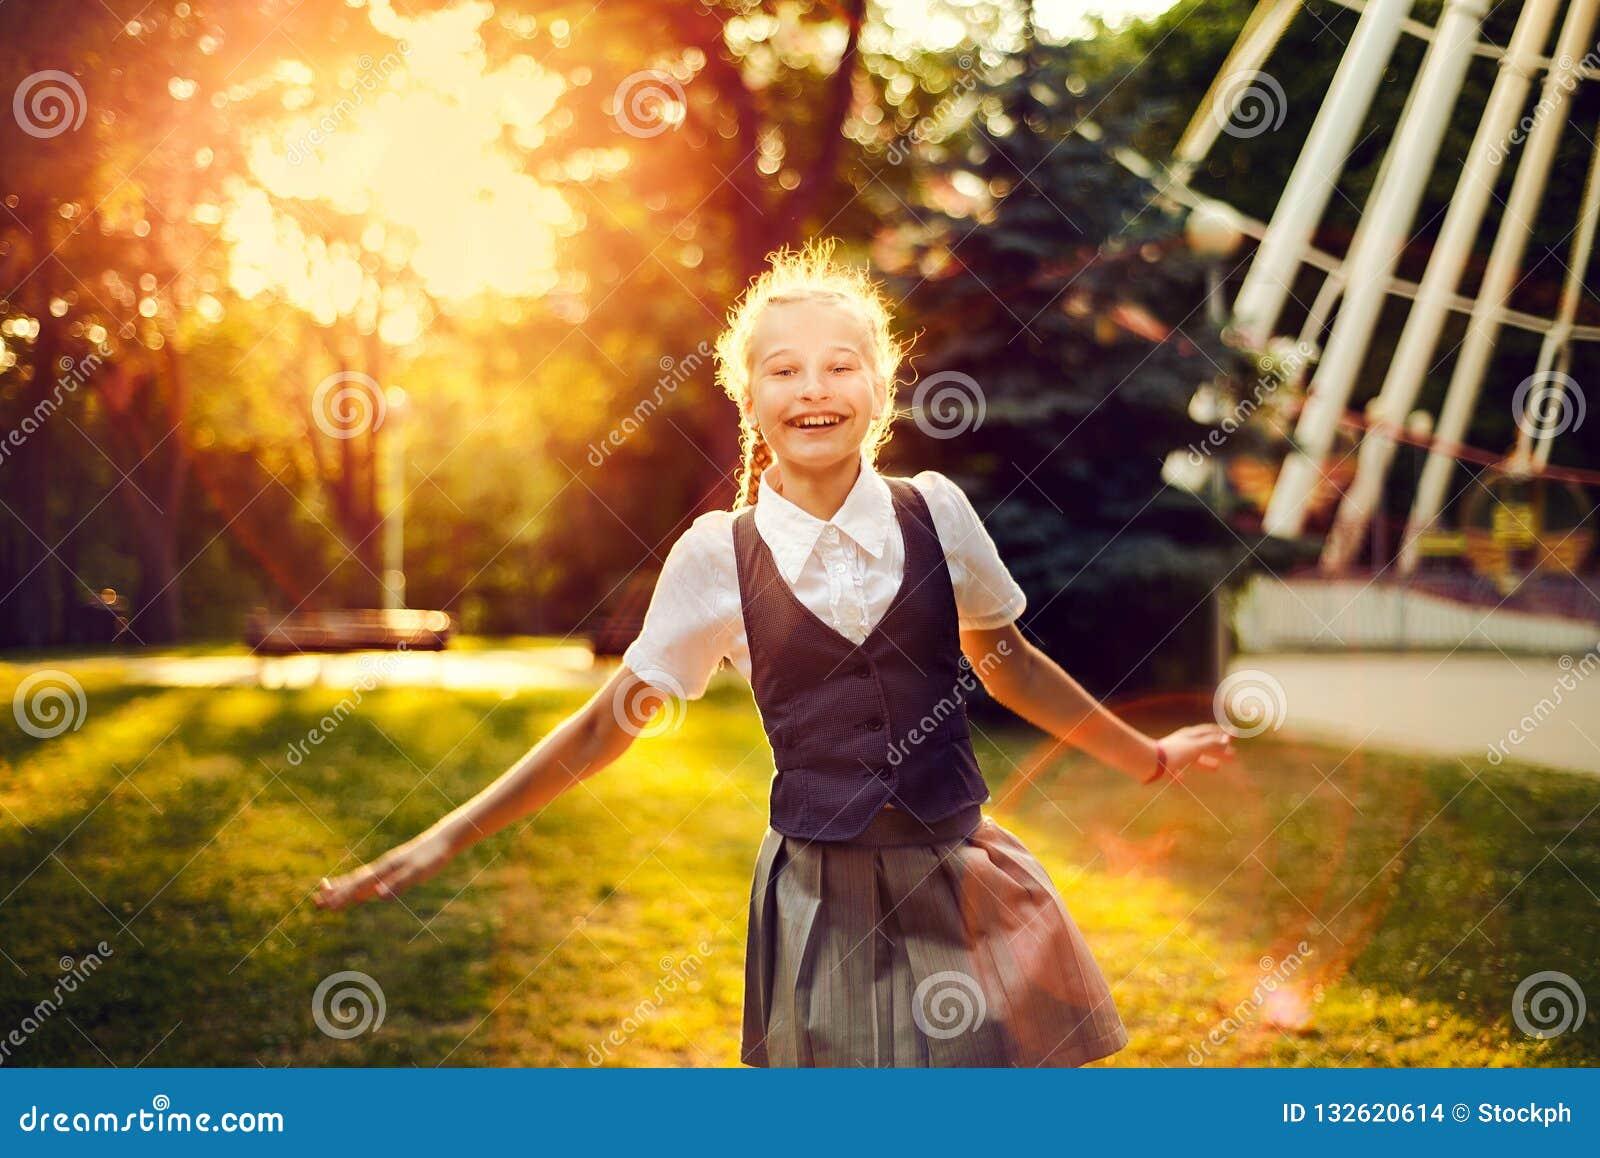 Schoolmeisje in eenvormig met vlechten het blije dansen bij zonsondergang i